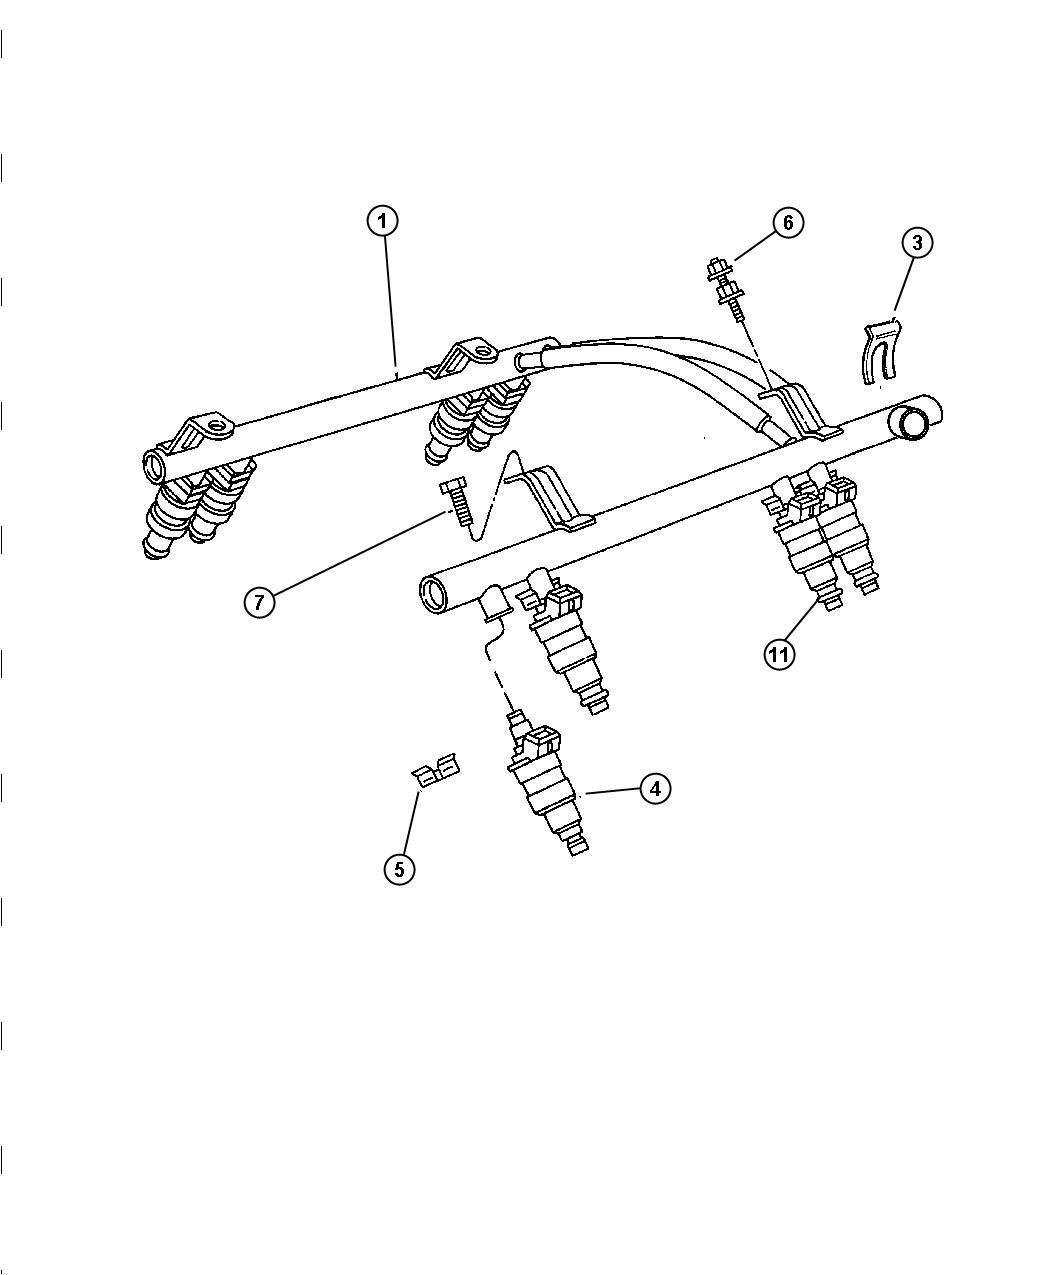 Jeep Wrangler Cap. Diagnostic port, for diagnostic port